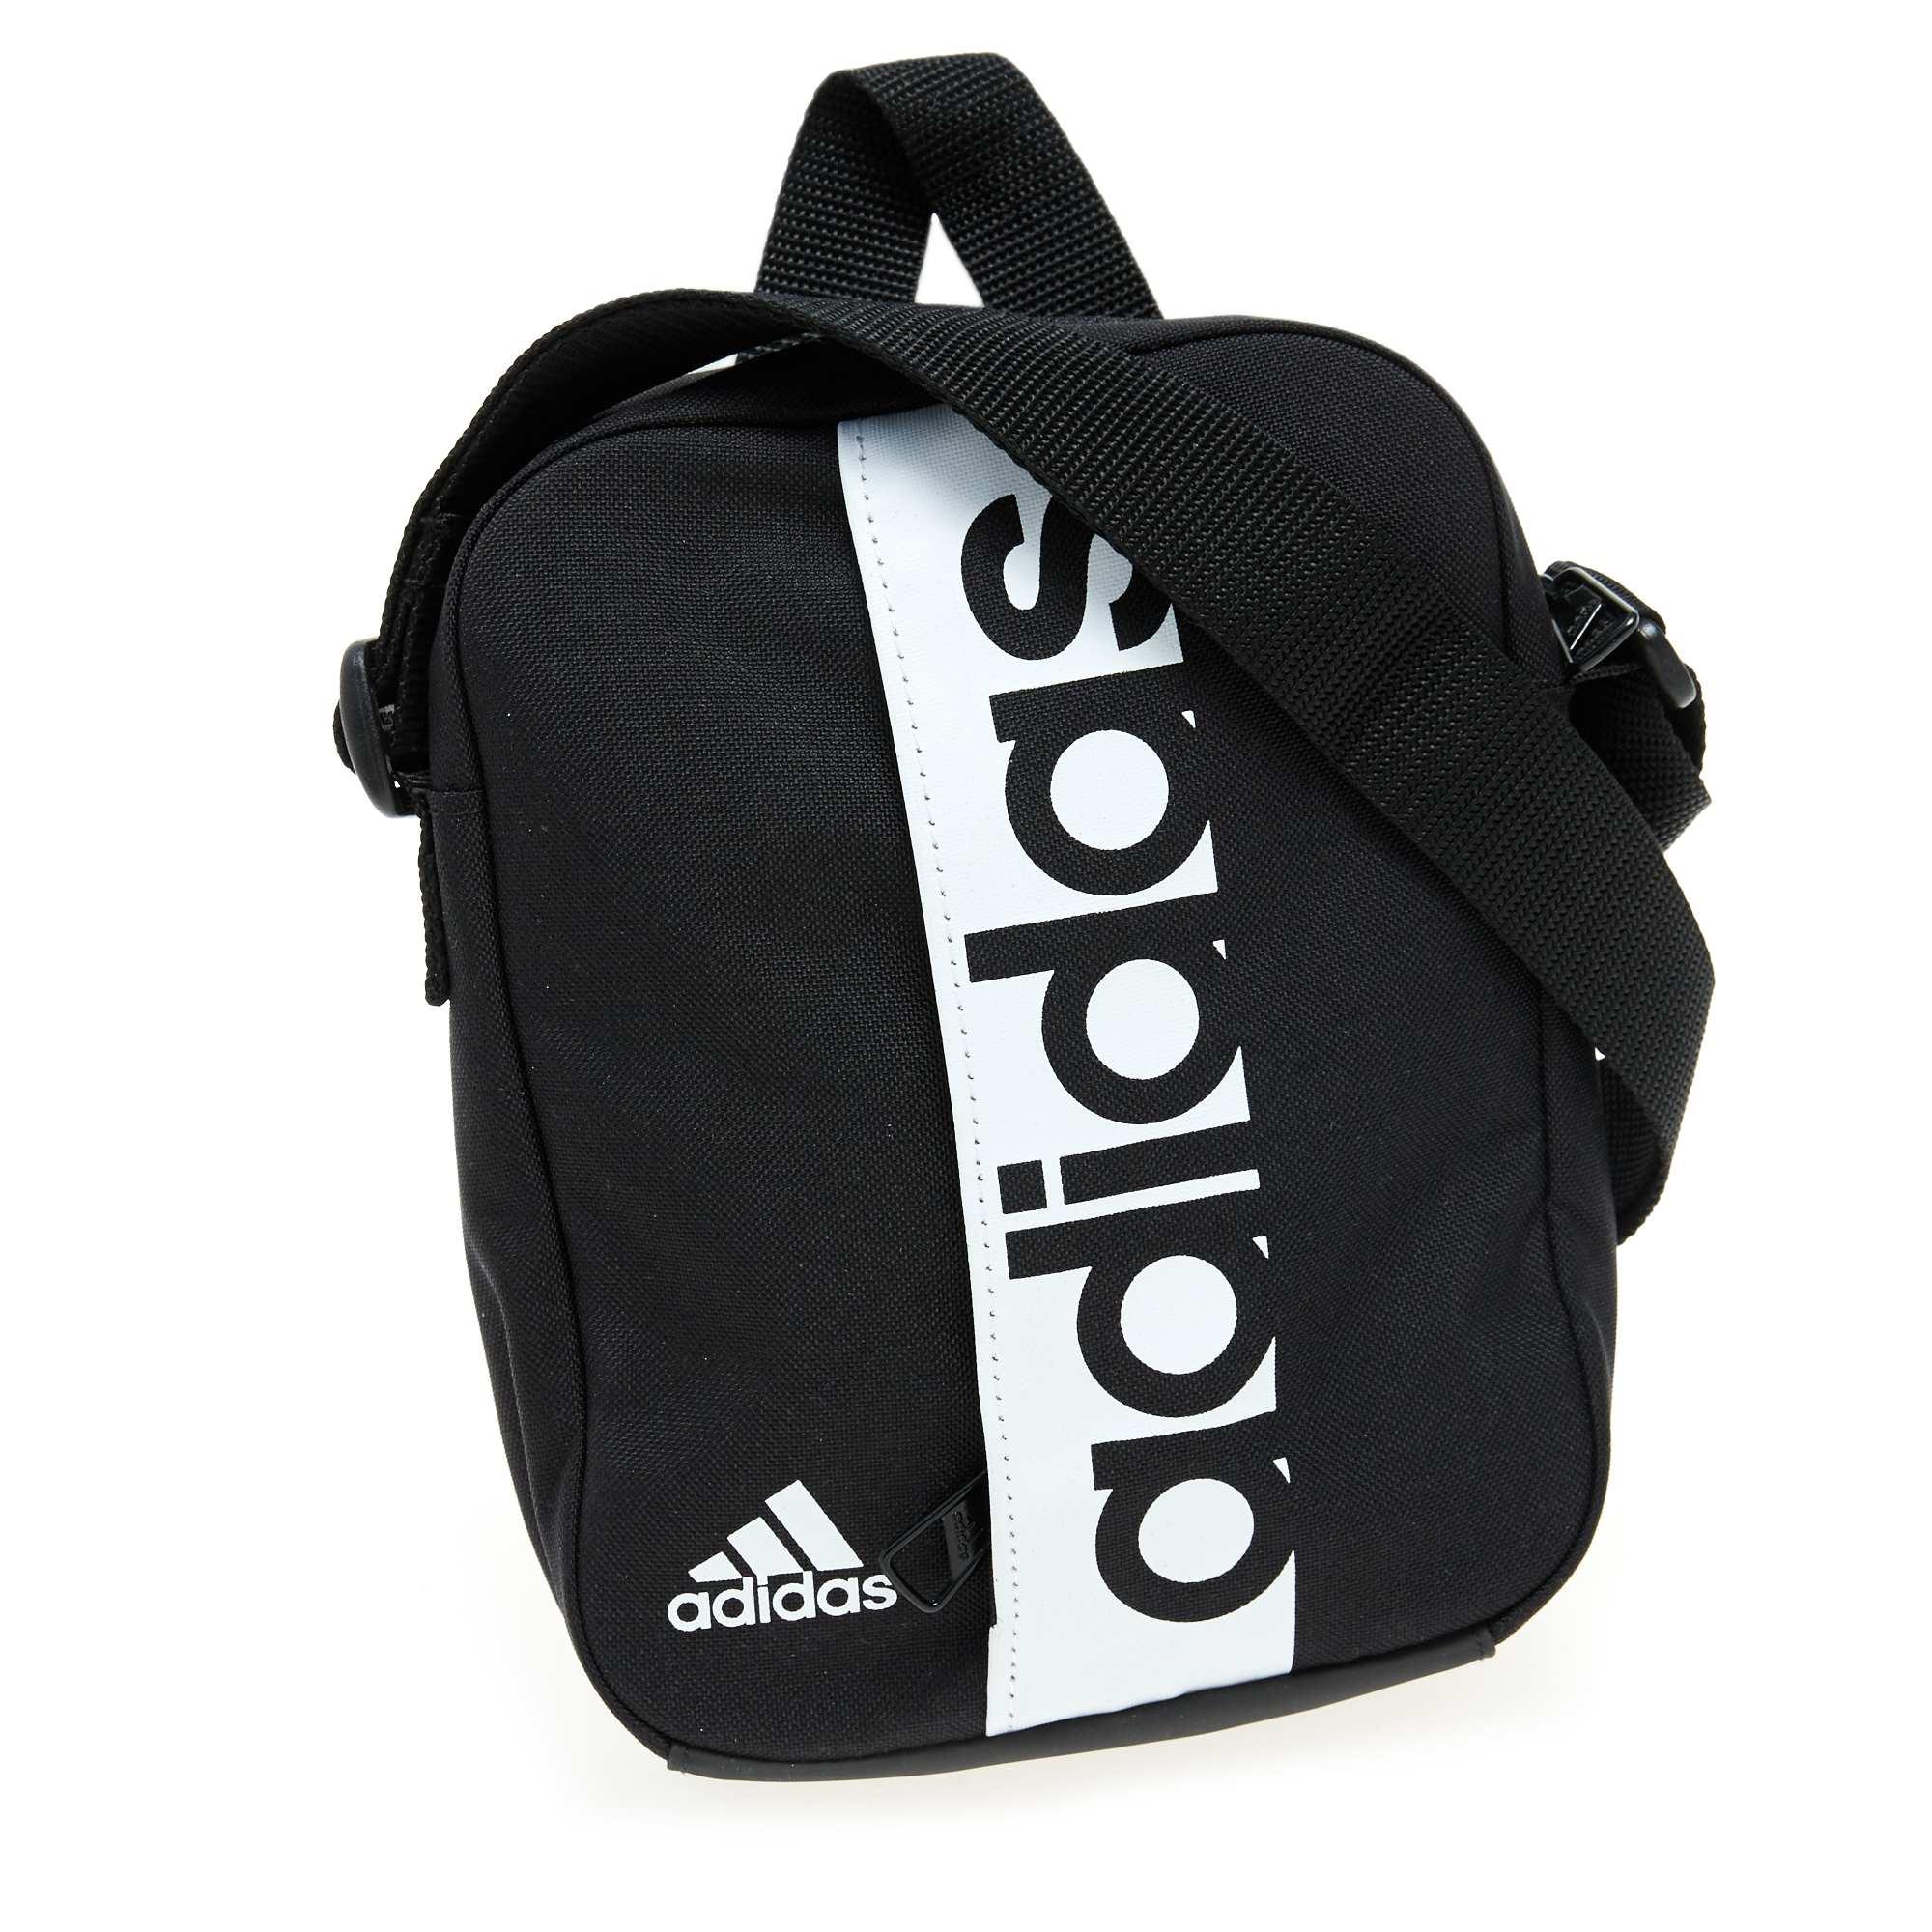 Couleur : noir, , ,, - Taille : TU, , ,,La sacoche 'Adidas' essentielle pour emporter l'essentiel, dans l'esprit sportswear